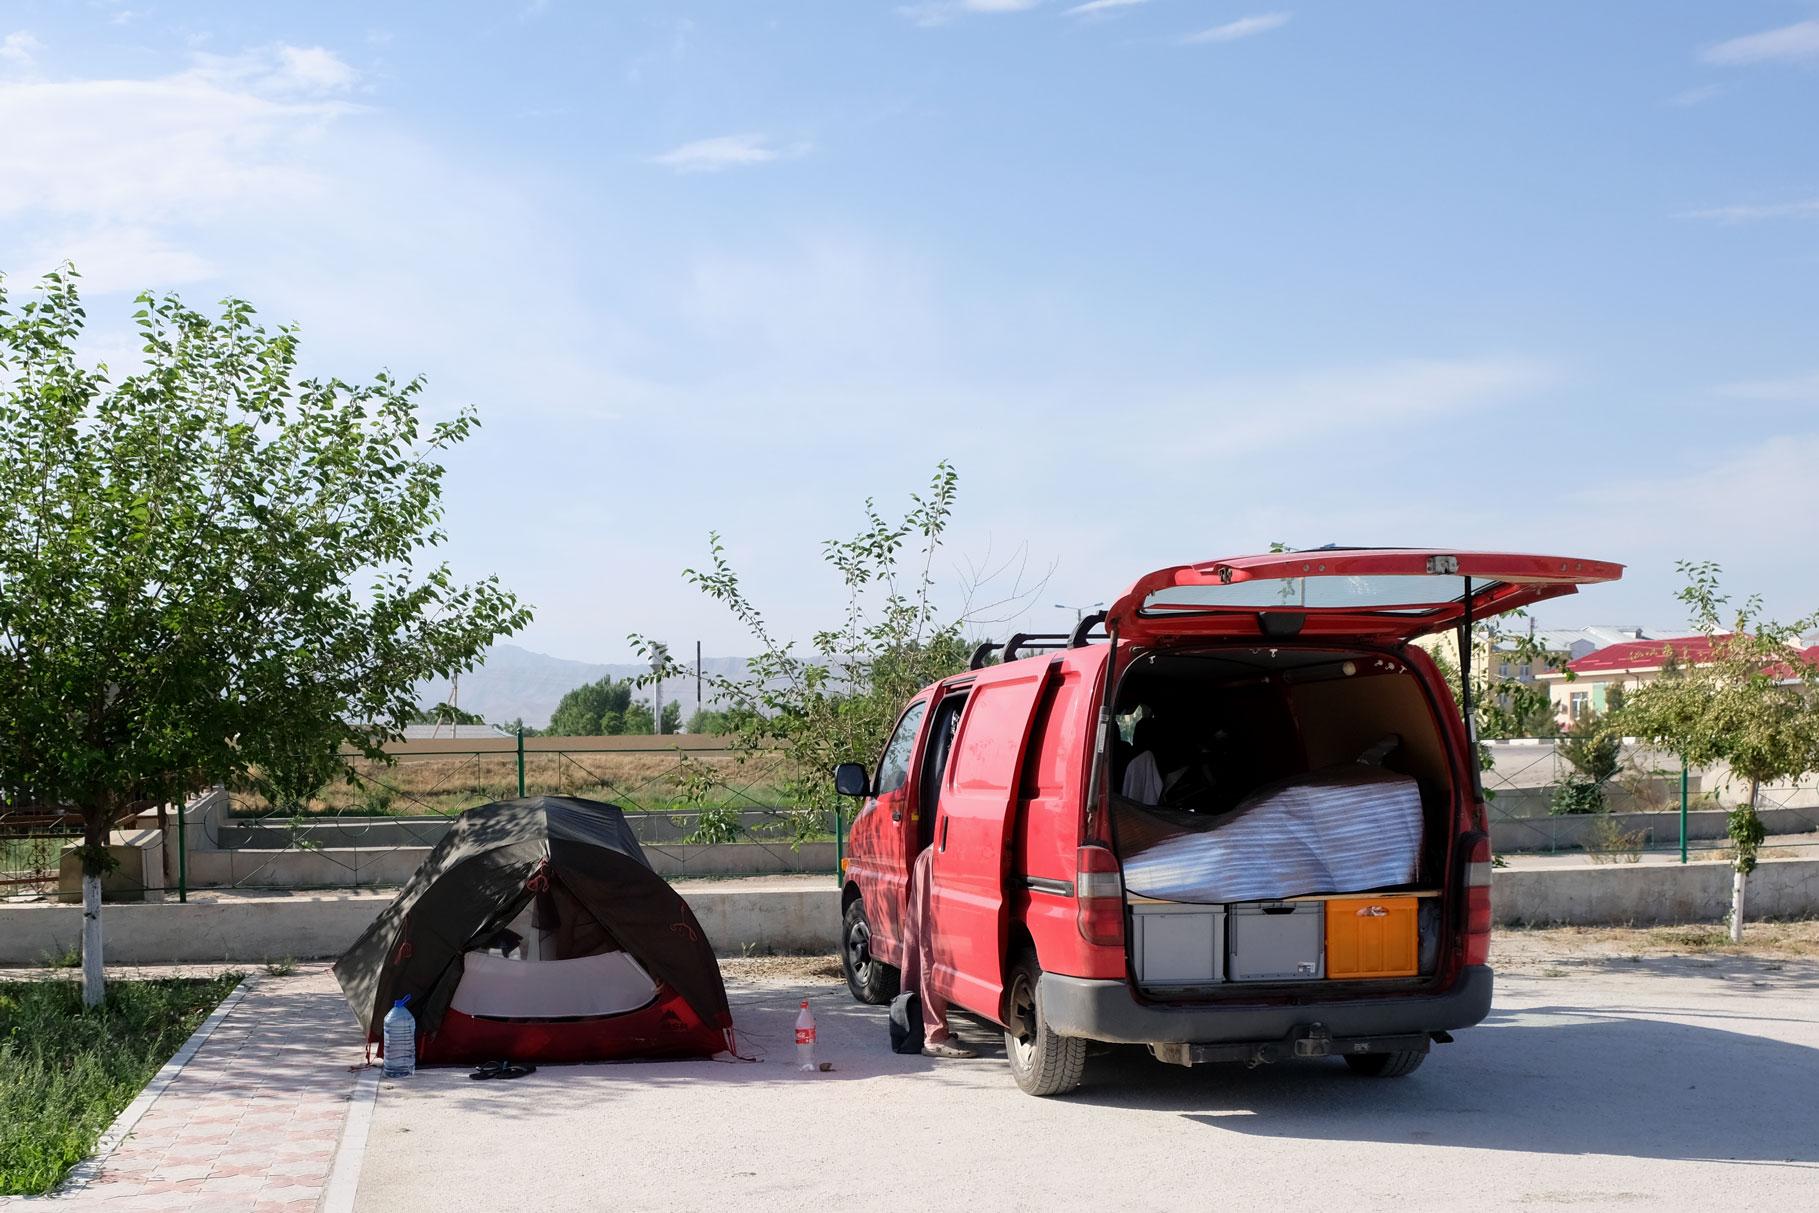 Unser improvisiertes Lager der zweiten Nacht. Unsere Luftmatrazen haben sich auf dem Betonboden sehr bewährt! :-)